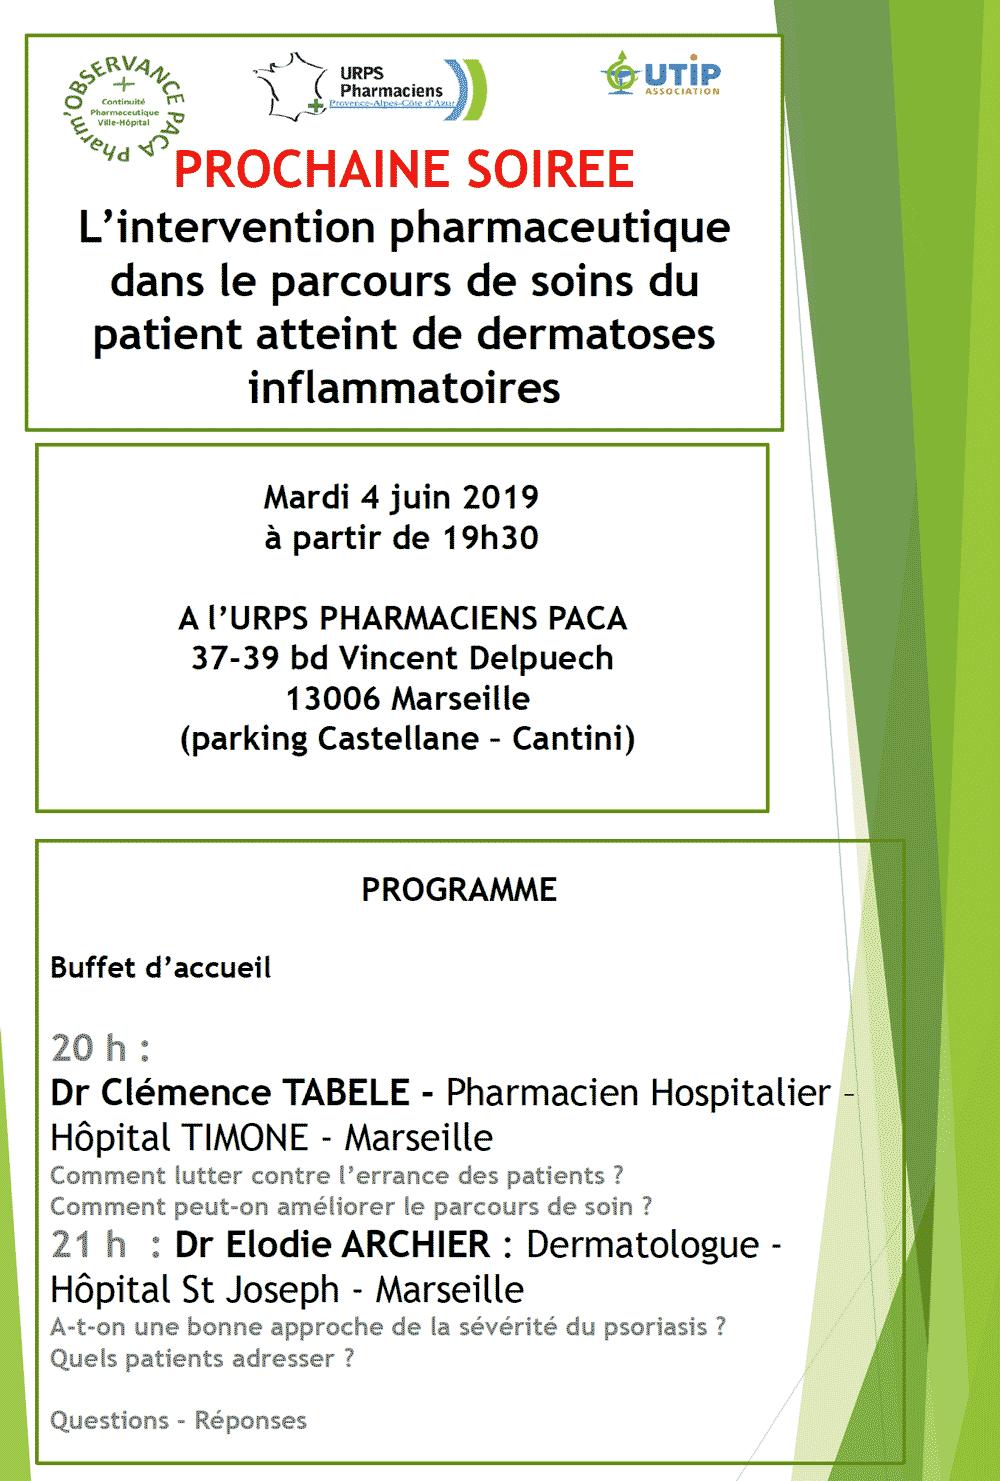 L'intervention Pharmaceutique Dans Le Parcours De Soins Du Patient Atteint De Dermatoses Inflammatoires